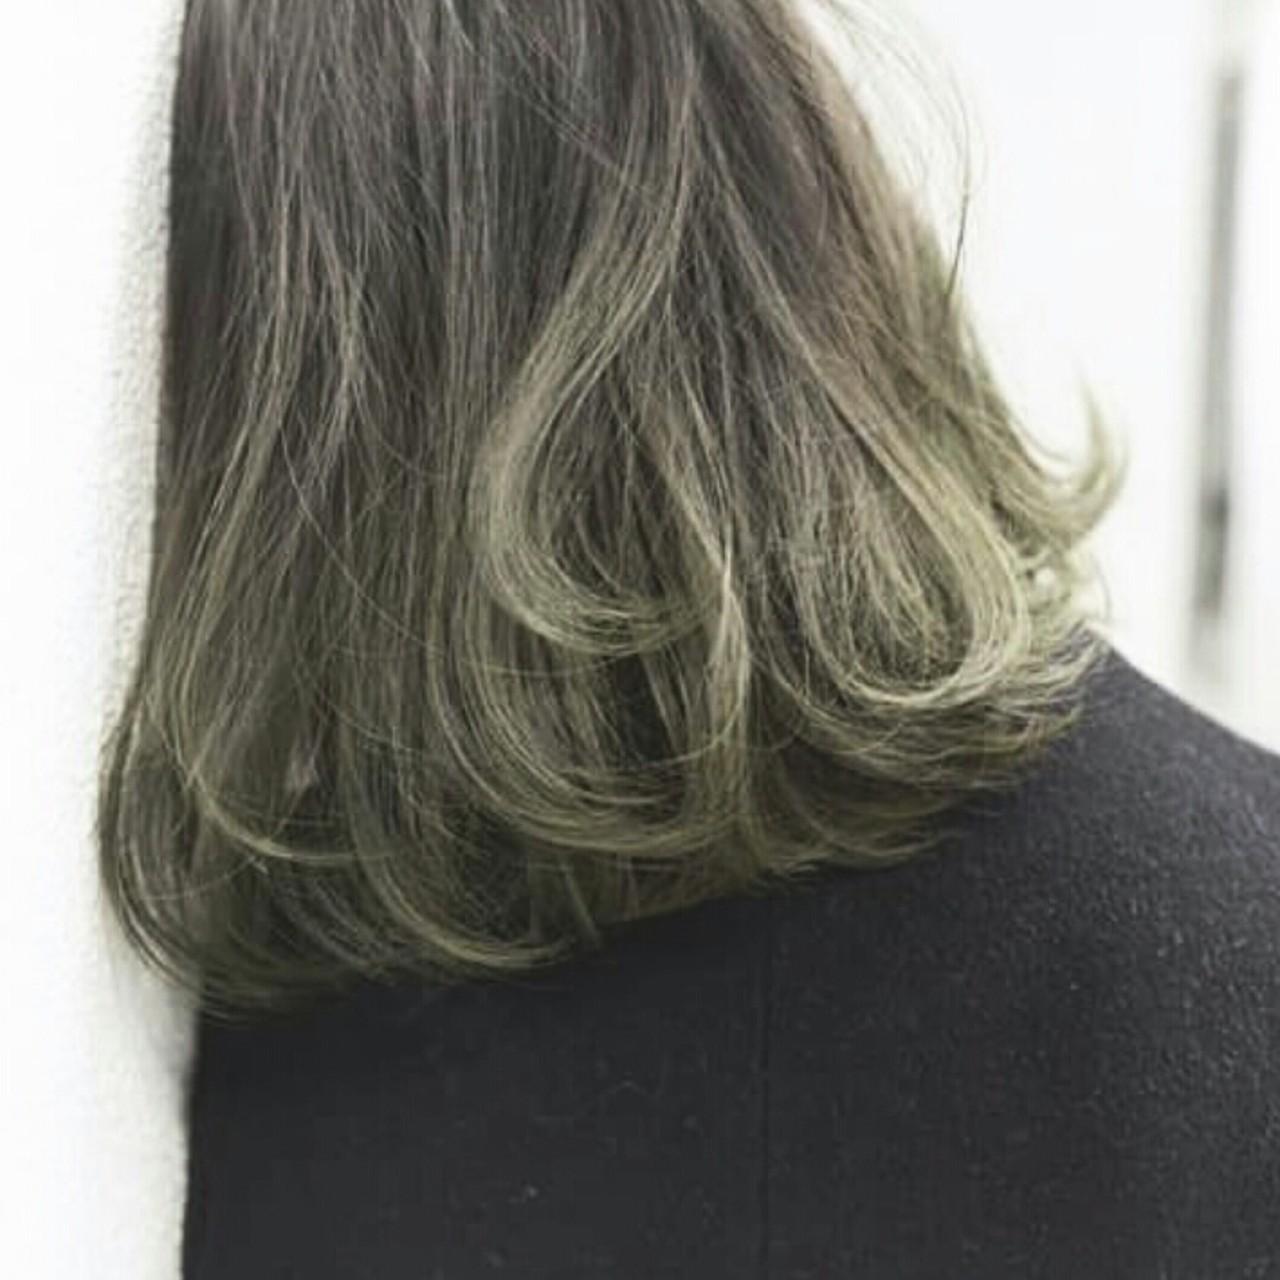 インナーカラー グラデーションカラー ストリート ボブ ヘアスタイルや髪型の写真・画像